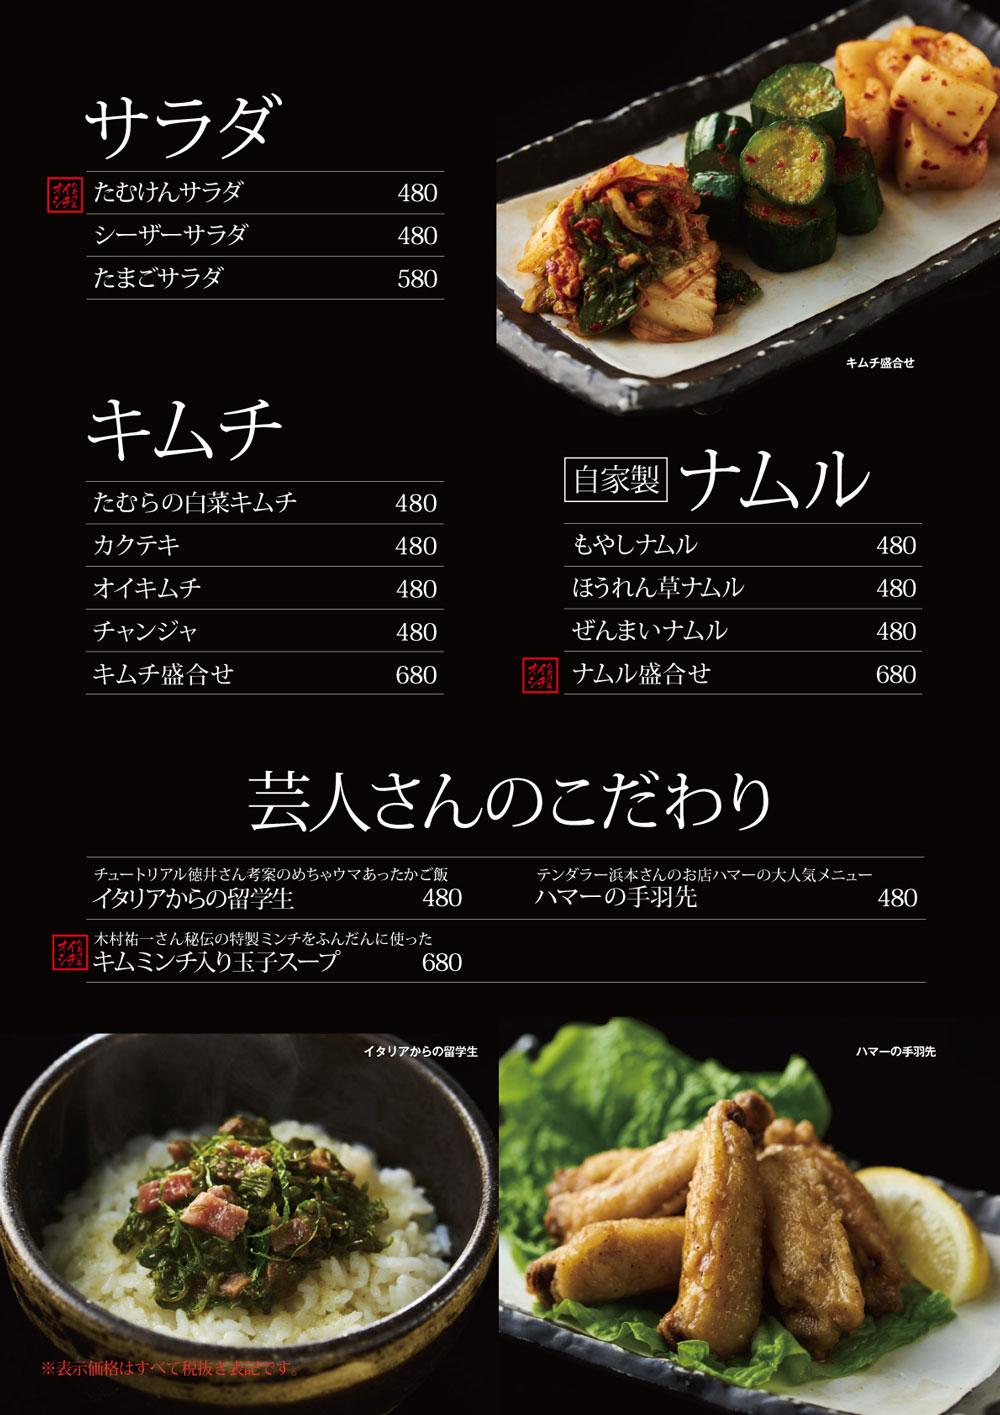 キムチ・ナムル・サラダ